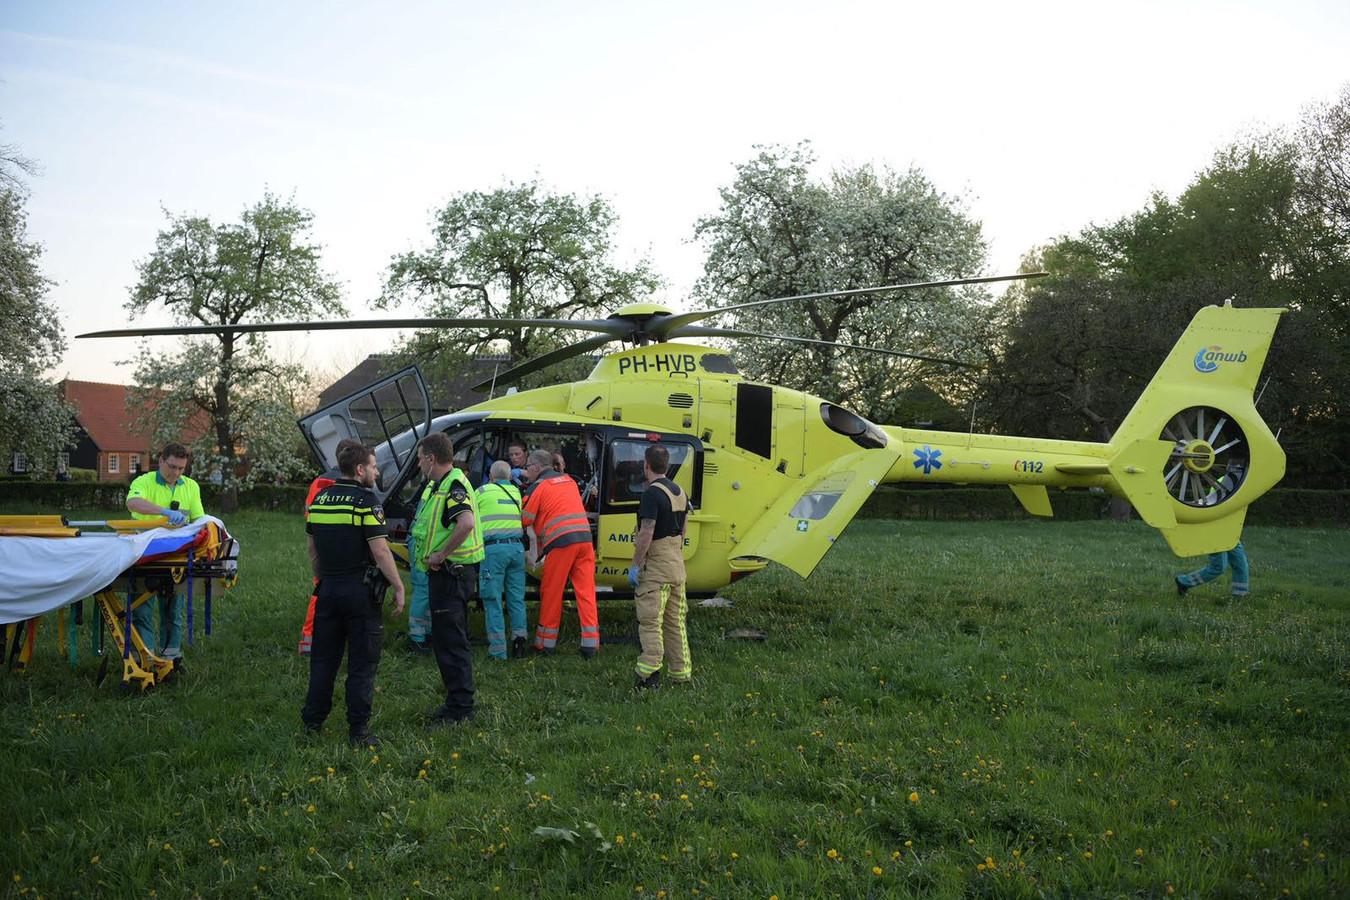 Fietser ernstig gewond bij ongeluk in Eindhoven.